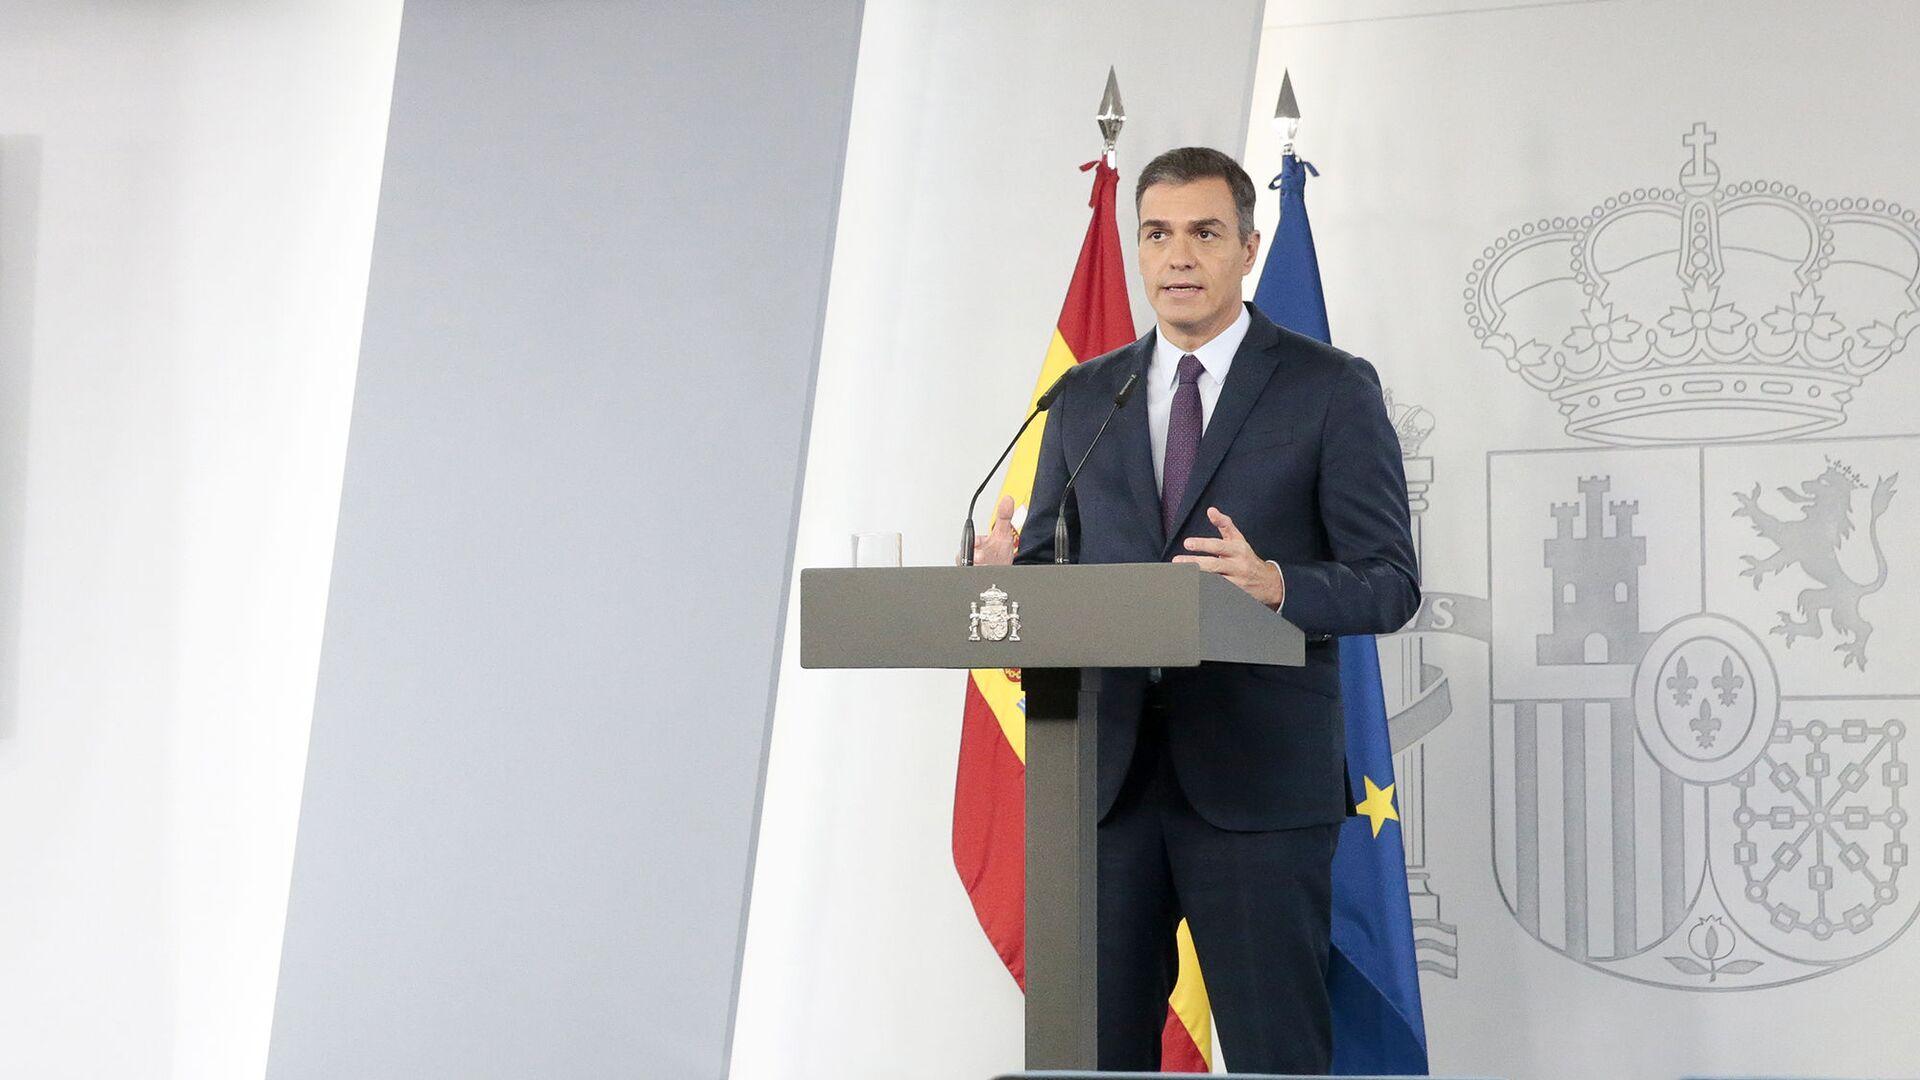 El presidente del Gobierno de España, Pedro Sánchez, en una comparecencia desde La Moncloa - Sputnik Mundo, 1920, 18.05.2021